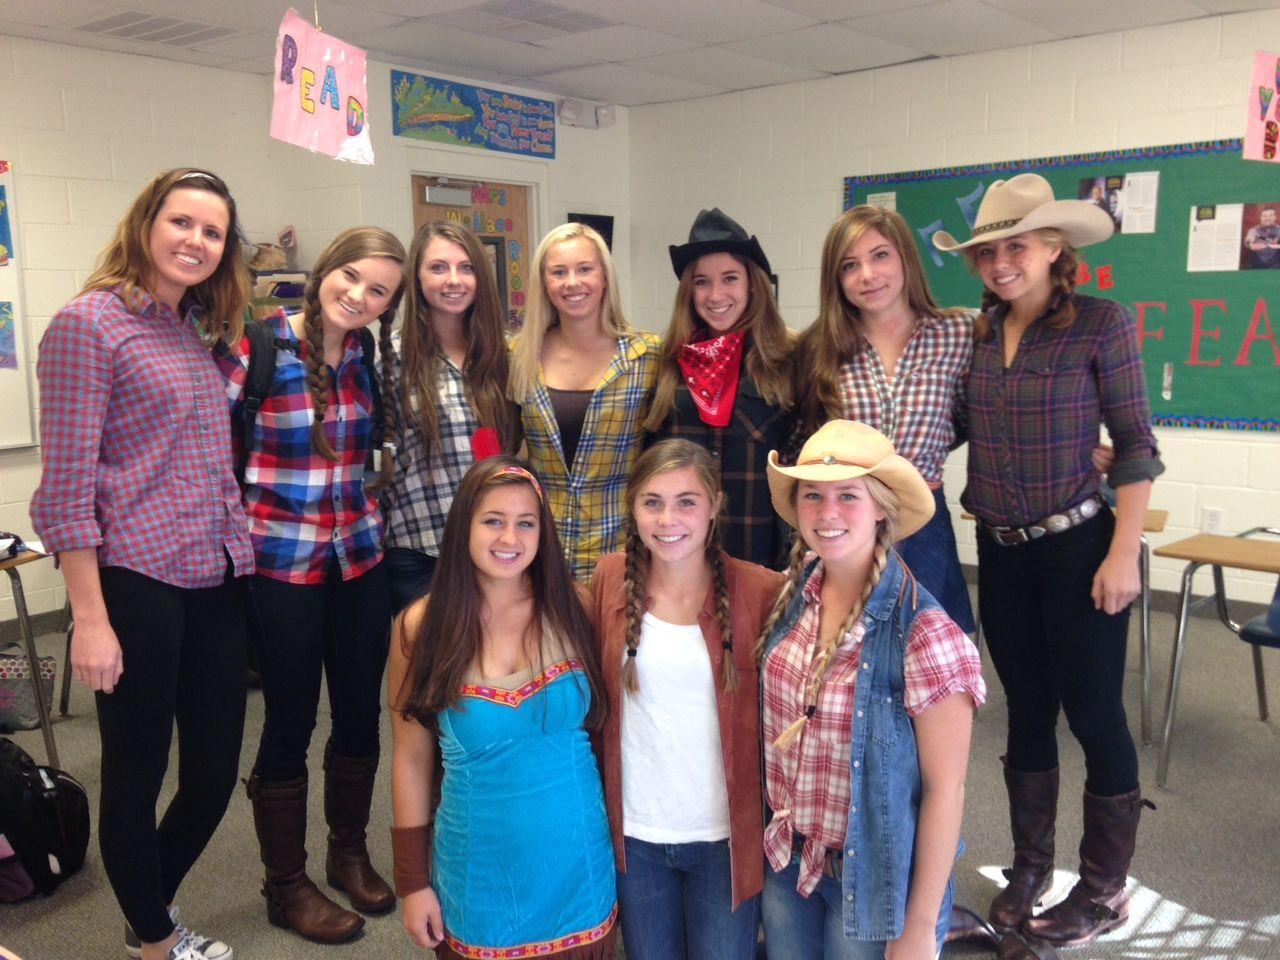 Recalling the Wild West for Spirit Week. Wild west